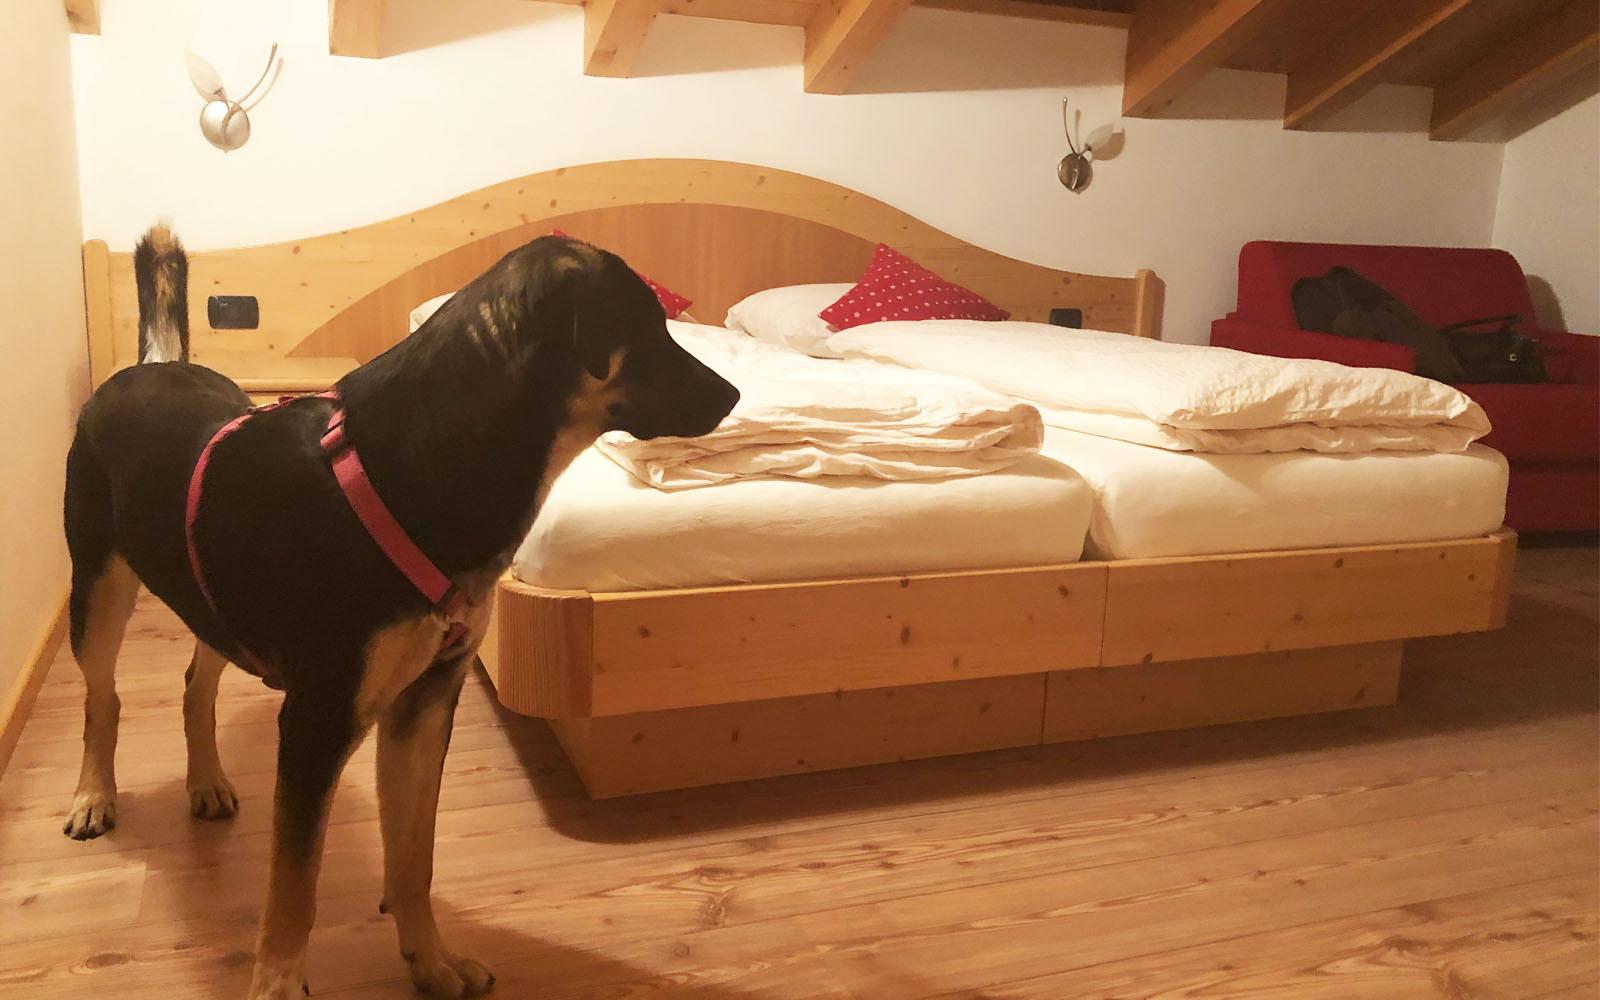 La mia camera nell'agriturismo Maso Chemela, con il mio cane Pastis.